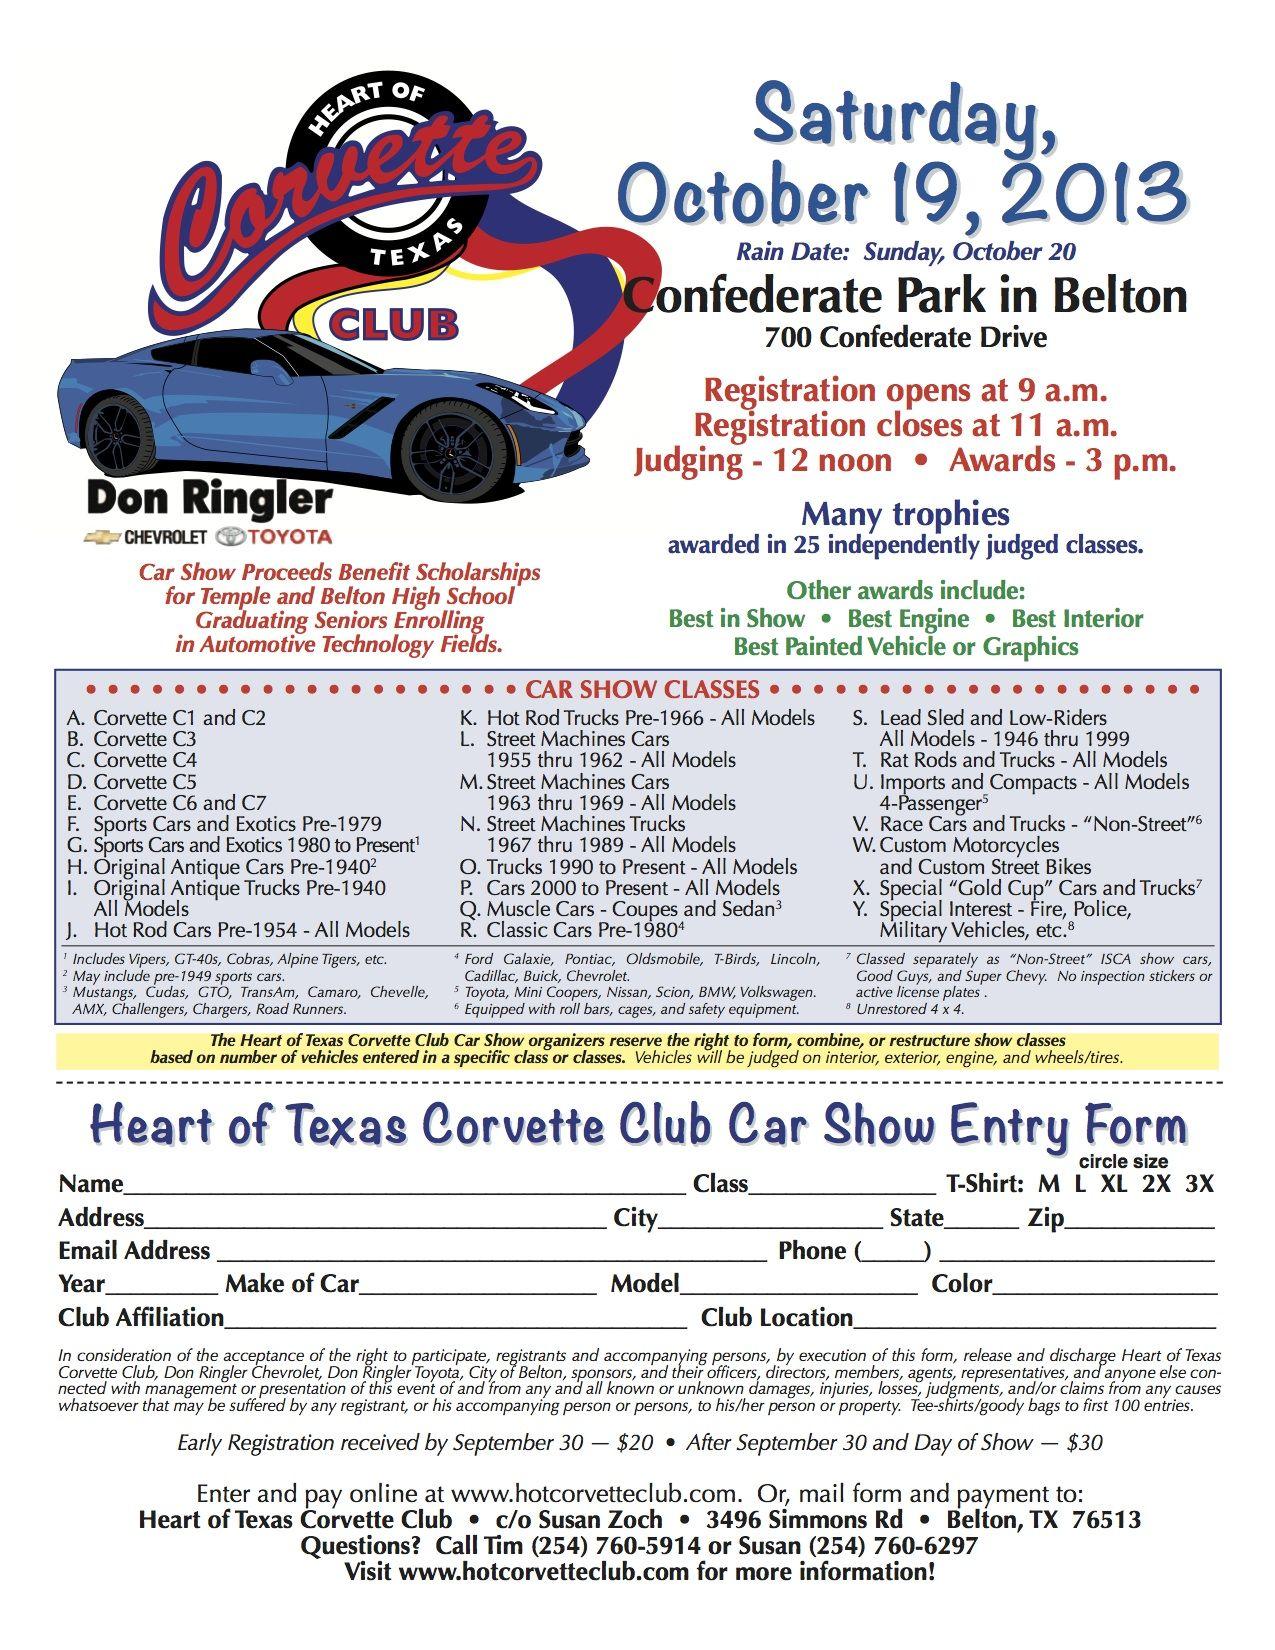 Register car online texas - Heart Of Texas Corvette Club October 19 Car Show